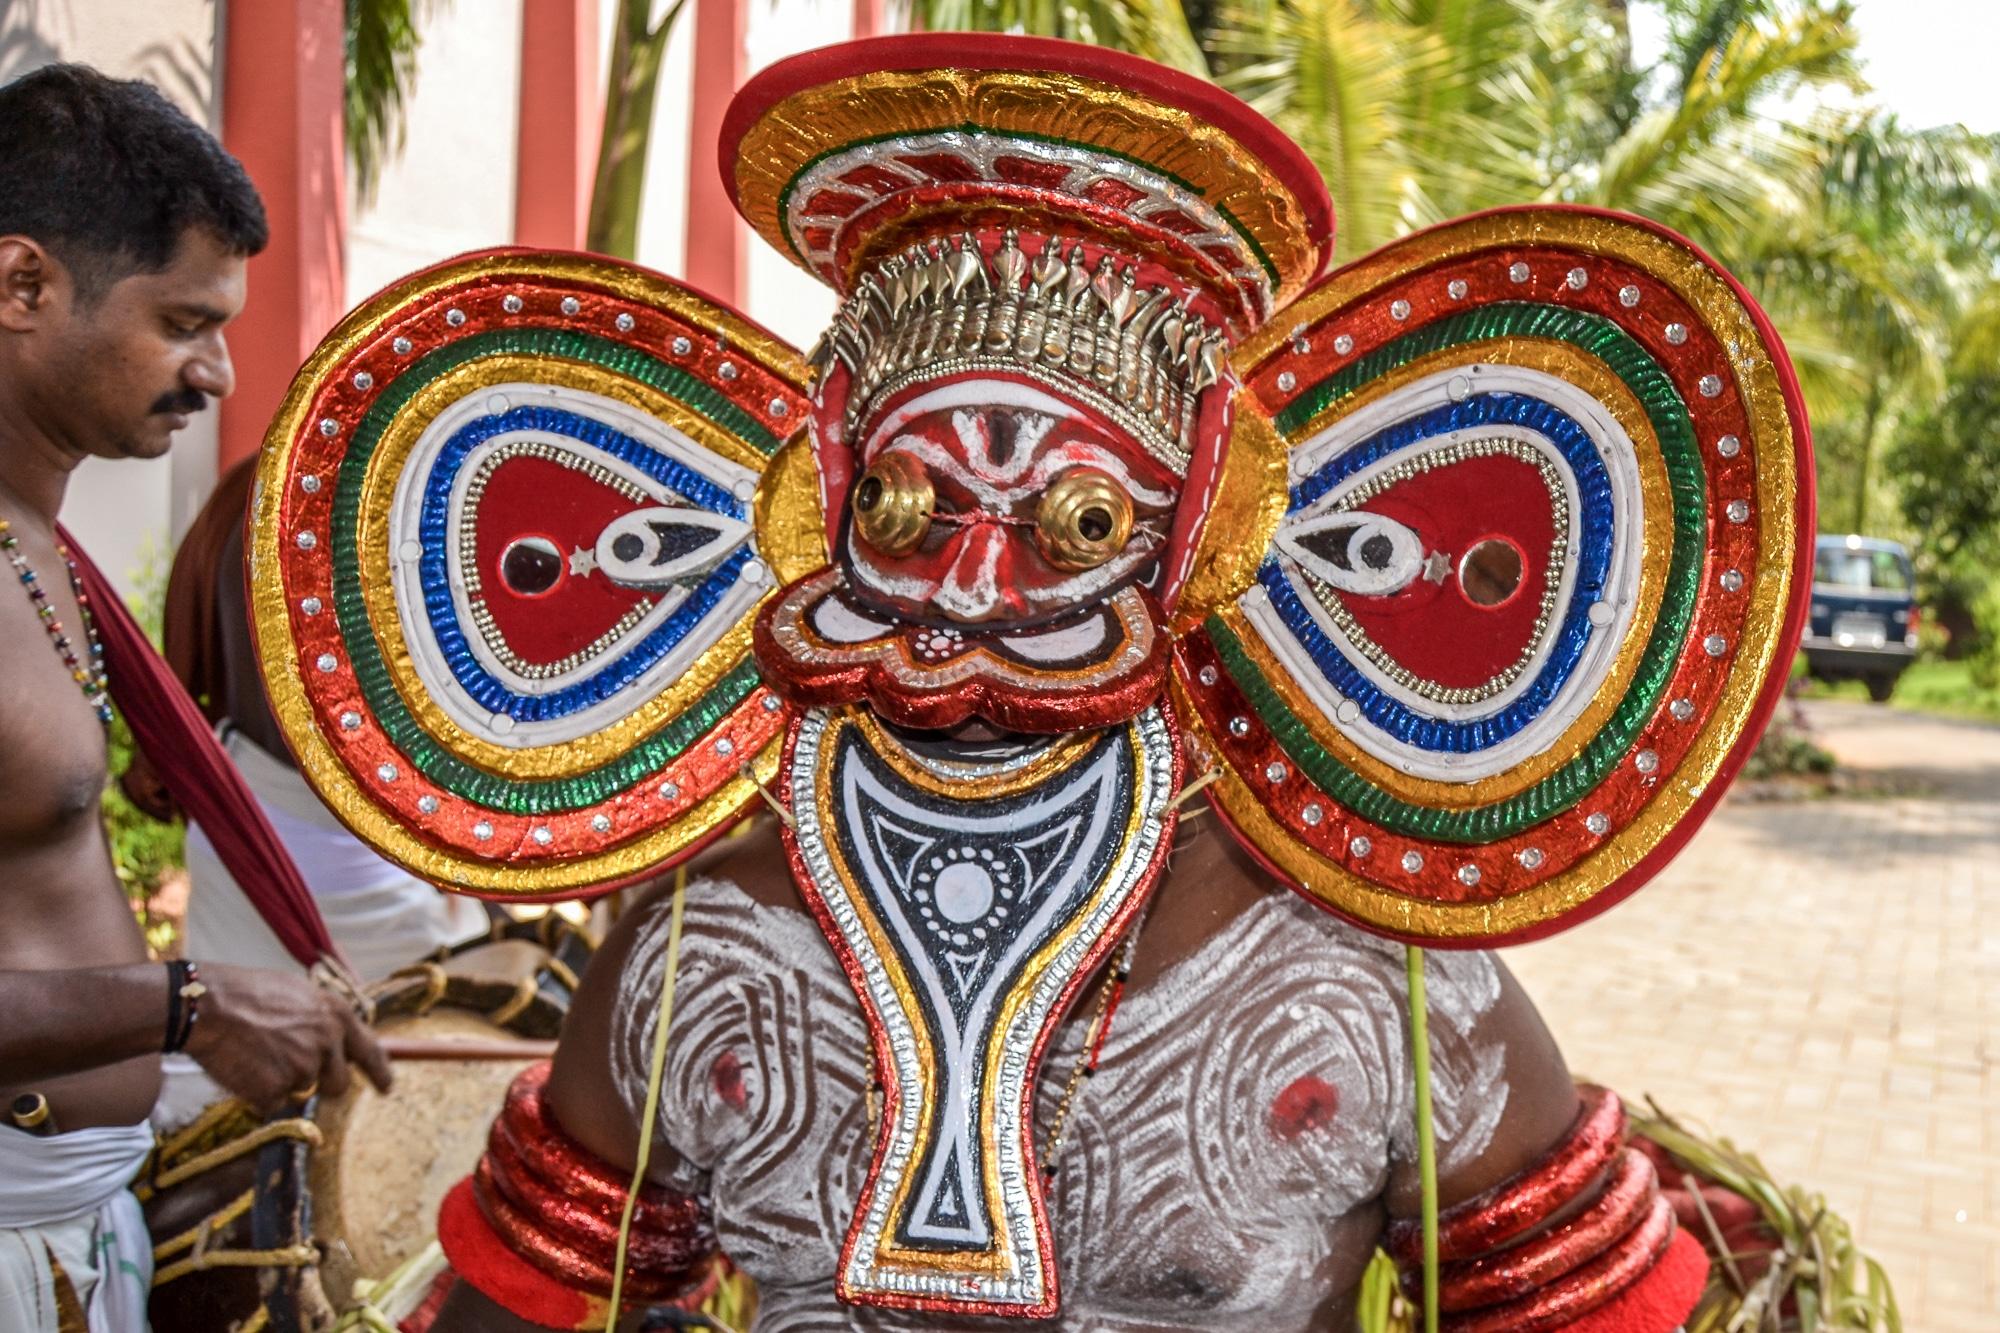 Kerala: Sehenswürdigkeiten, Kultur und Kulinarik im südlichen Indien - Tanz